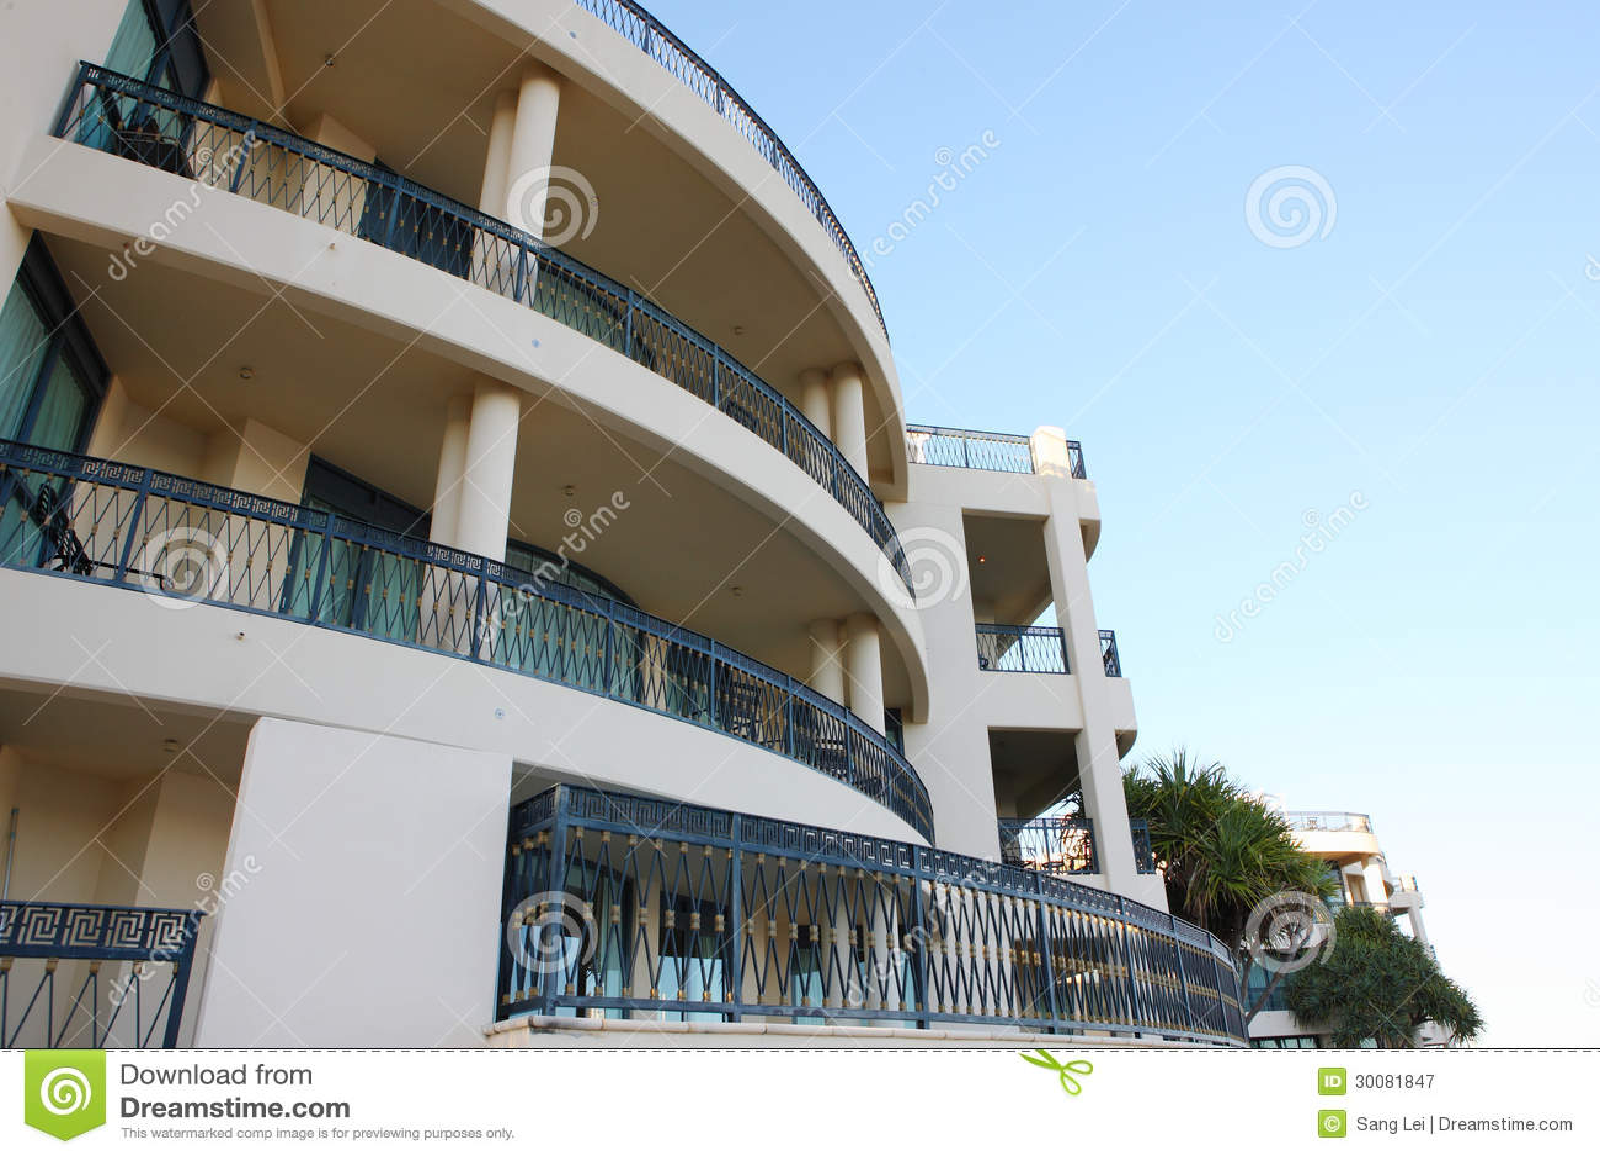 Luxury hotel balcony royalty free stock photography for The balcony hotel